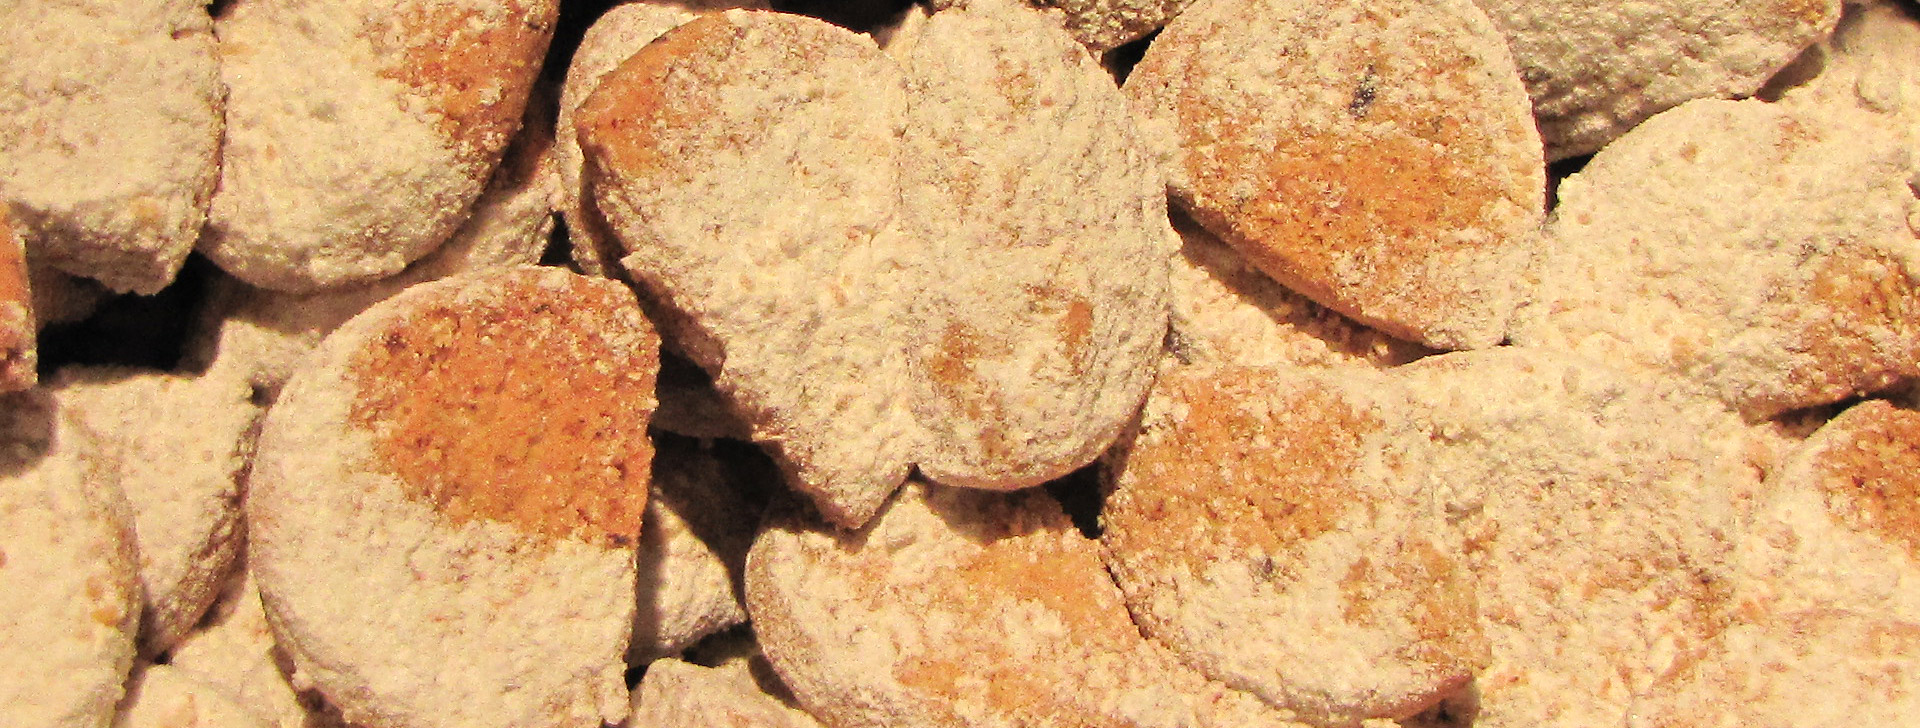 Présentation des biscuits salés et des châtaignades apéritives